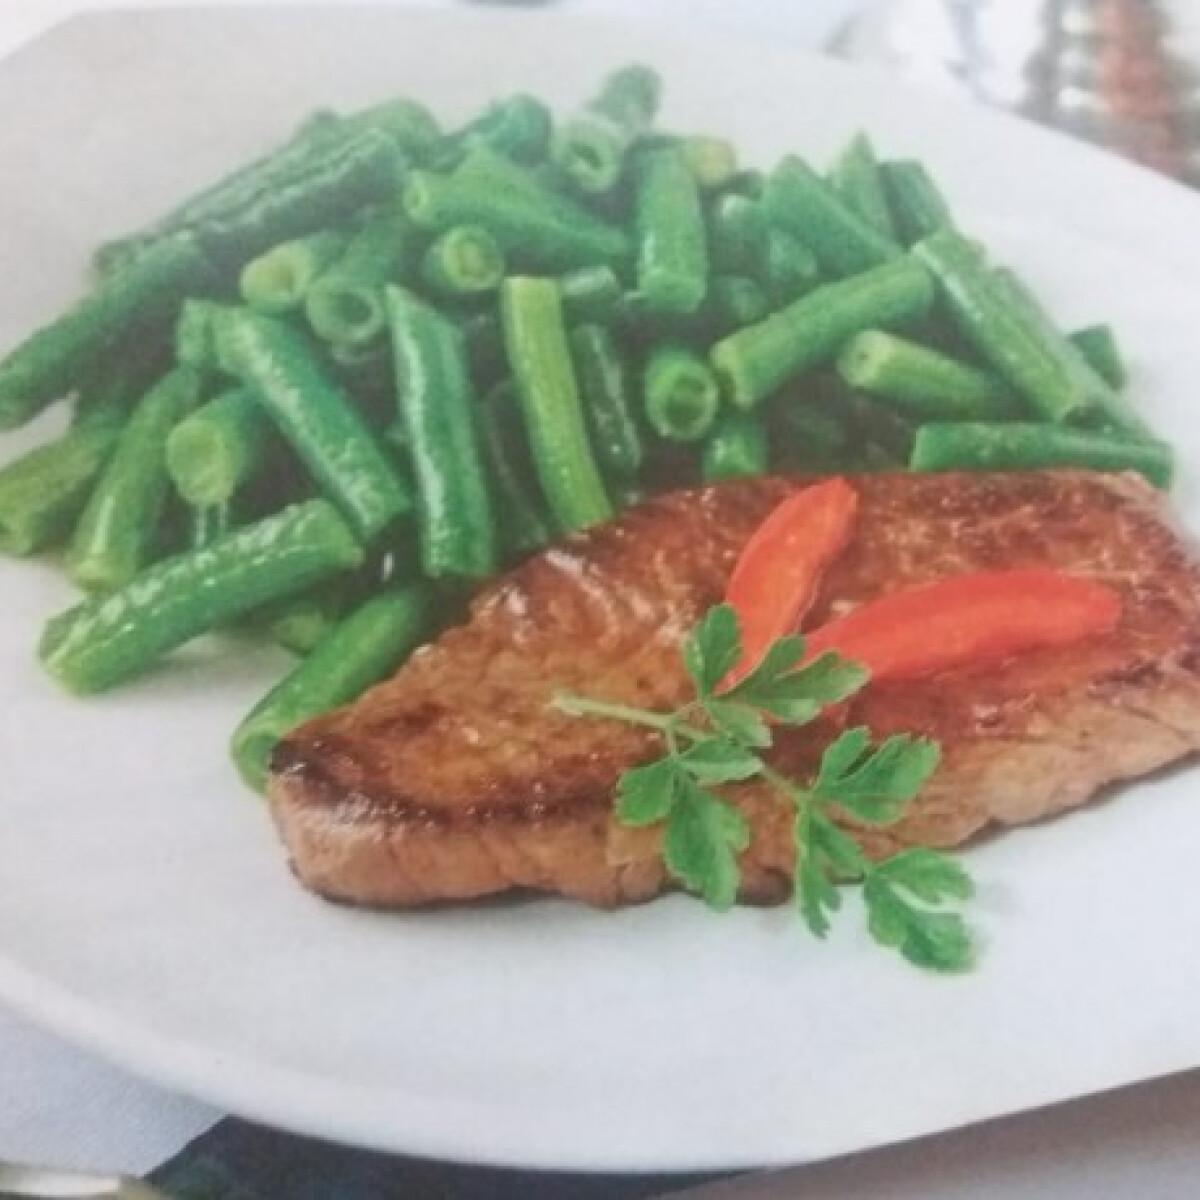 Ezen a képen: Svájci paradicsomos steak, zöldbabbal